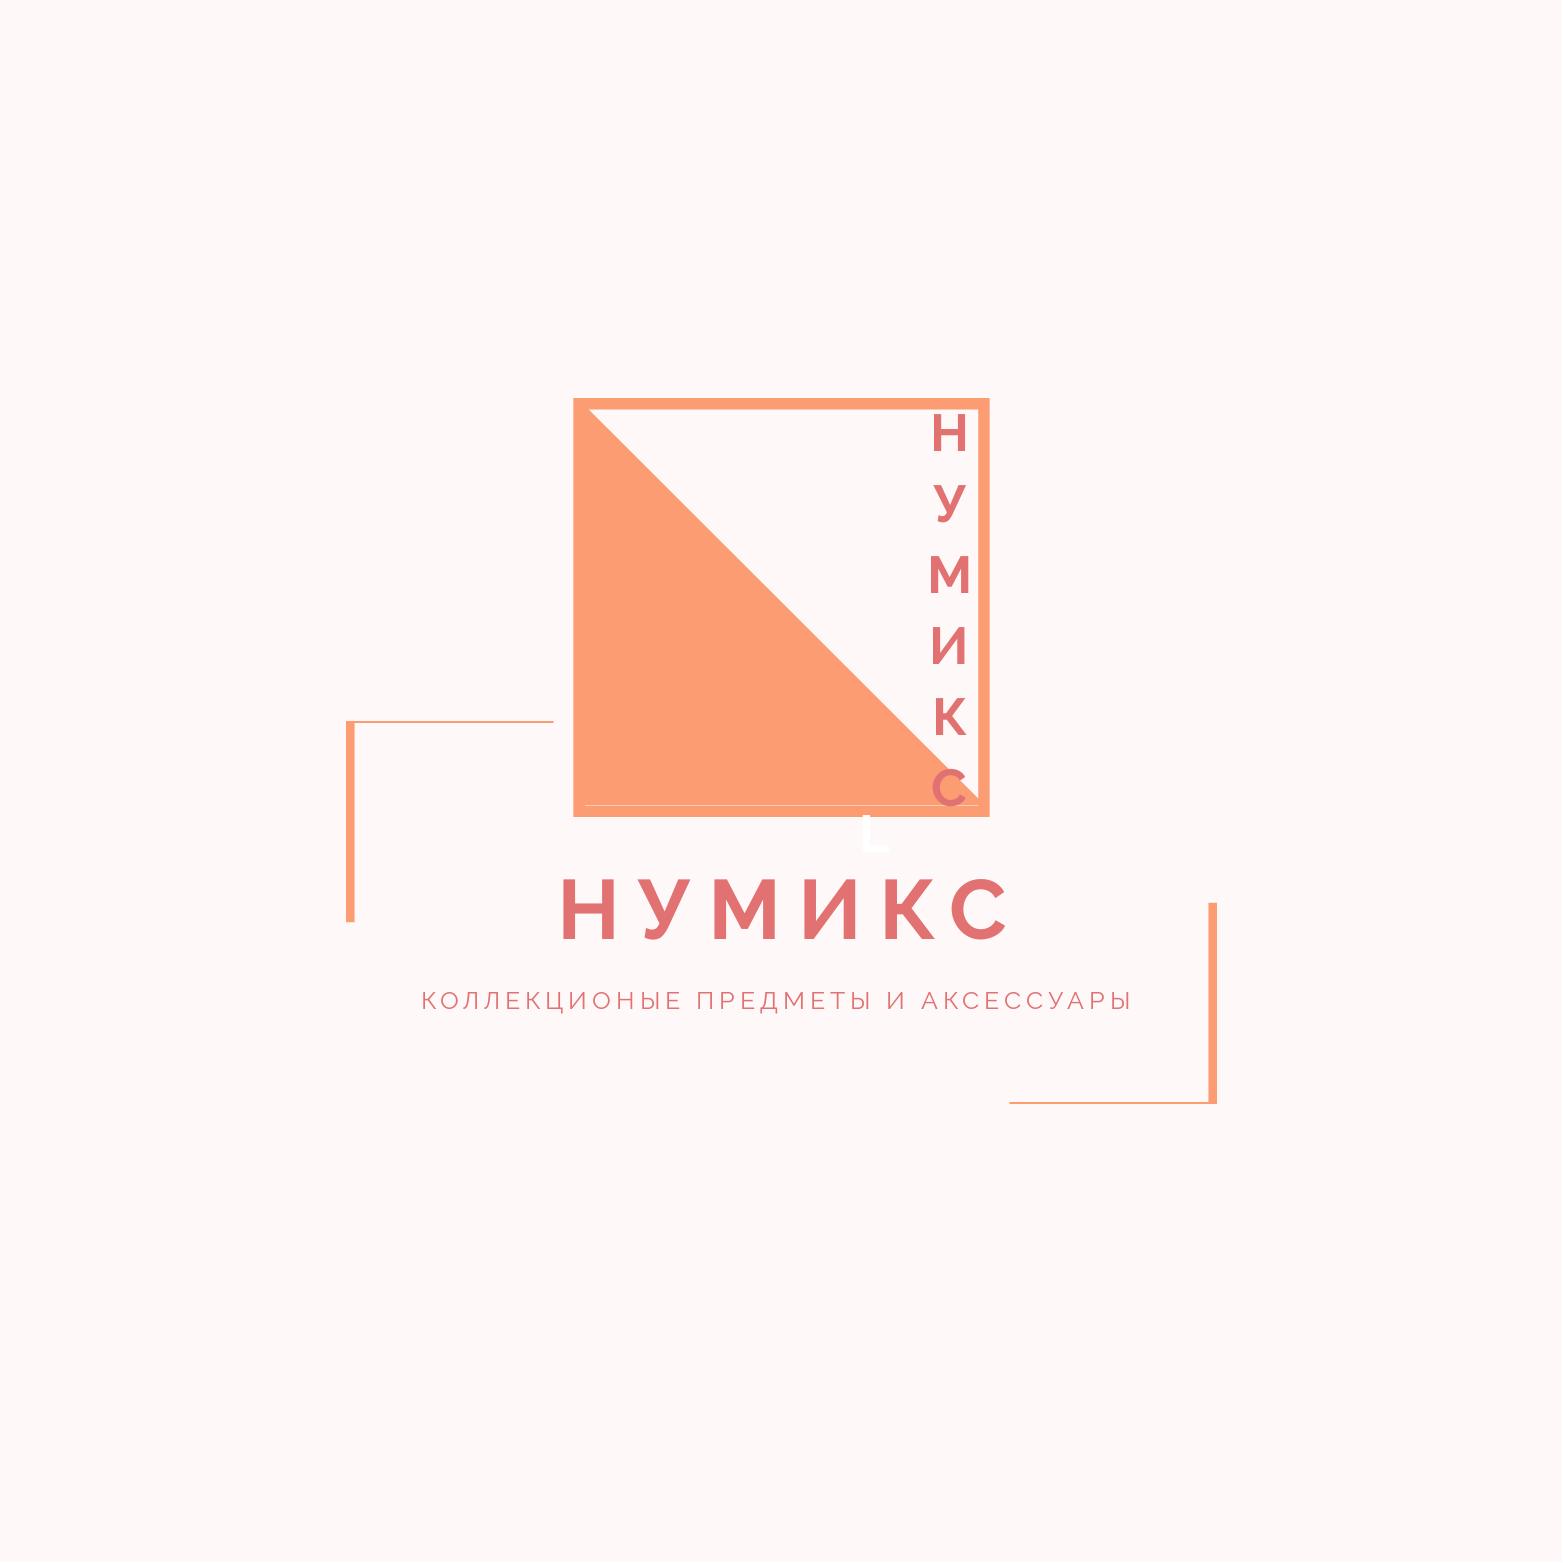 Логотип для интернет-магазина фото f_7975ec65d3043732.png